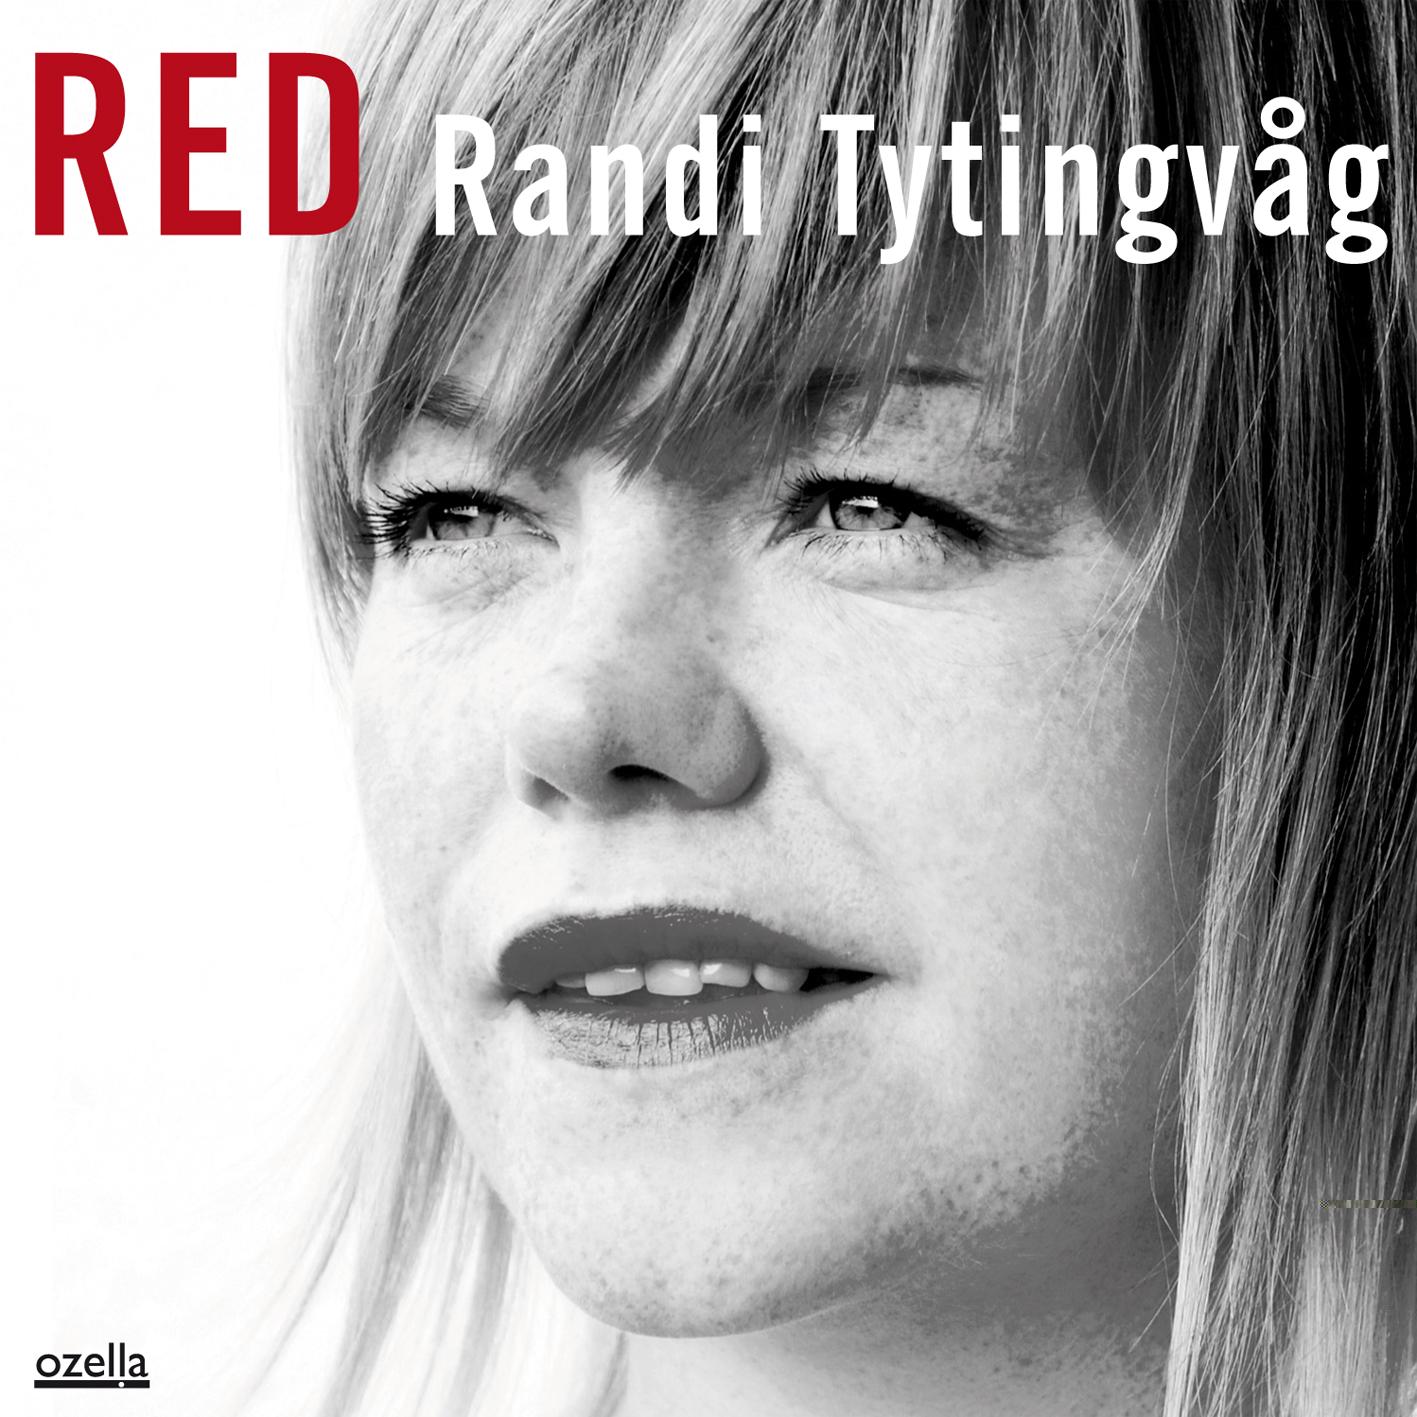 RED - 2009 (Ozella Music)